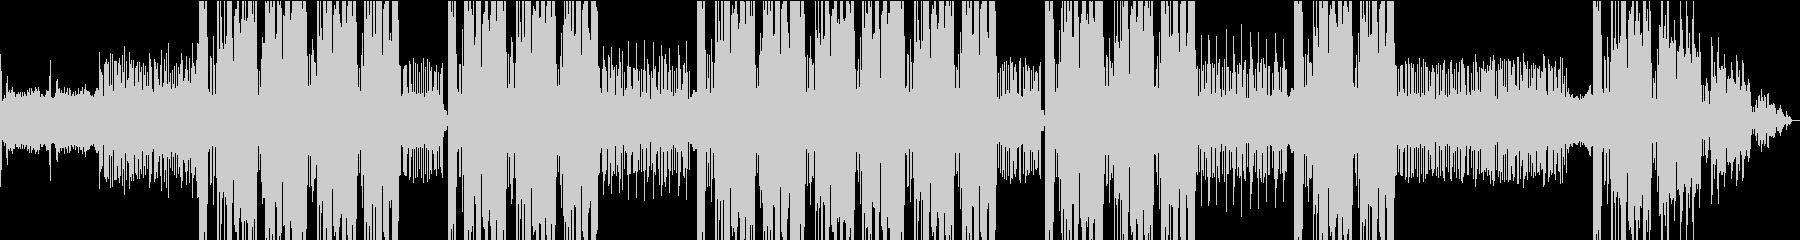 唸る808ベース重低音、NY Drillの未再生の波形